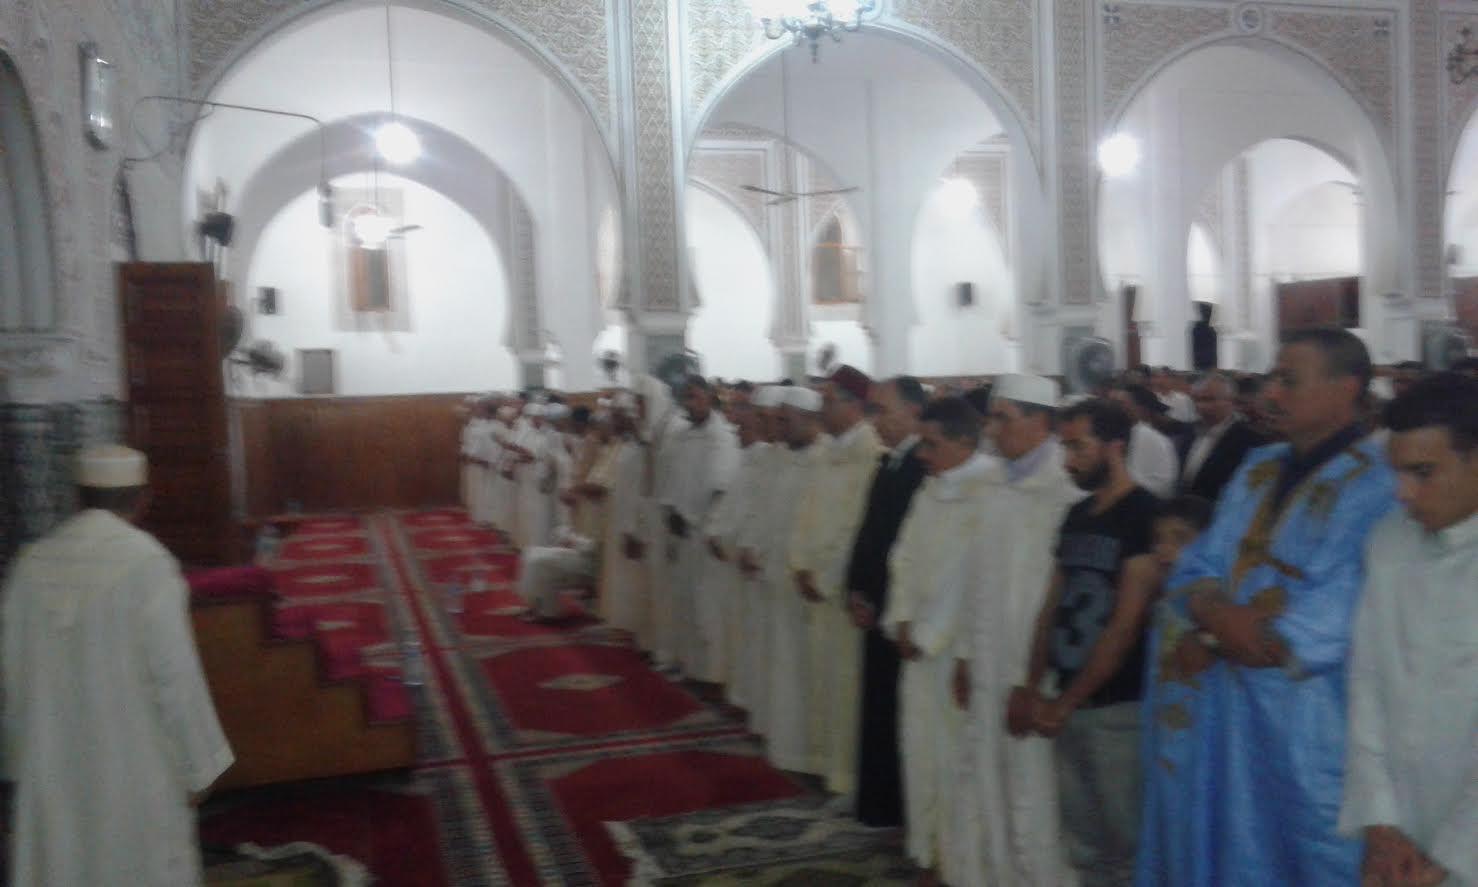 تنظيم حفل ديني إحياء ليلة القدر المباركة بالمسجد الحسني بالزمامرة